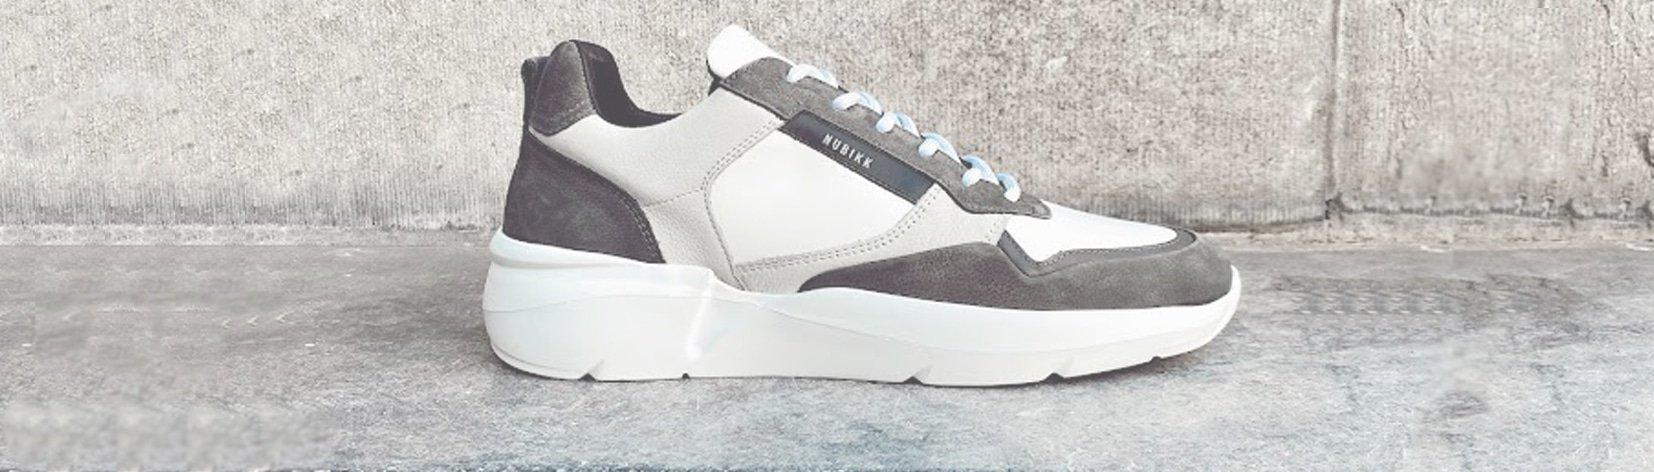 De perfecte heren sneakers voor op kantoor